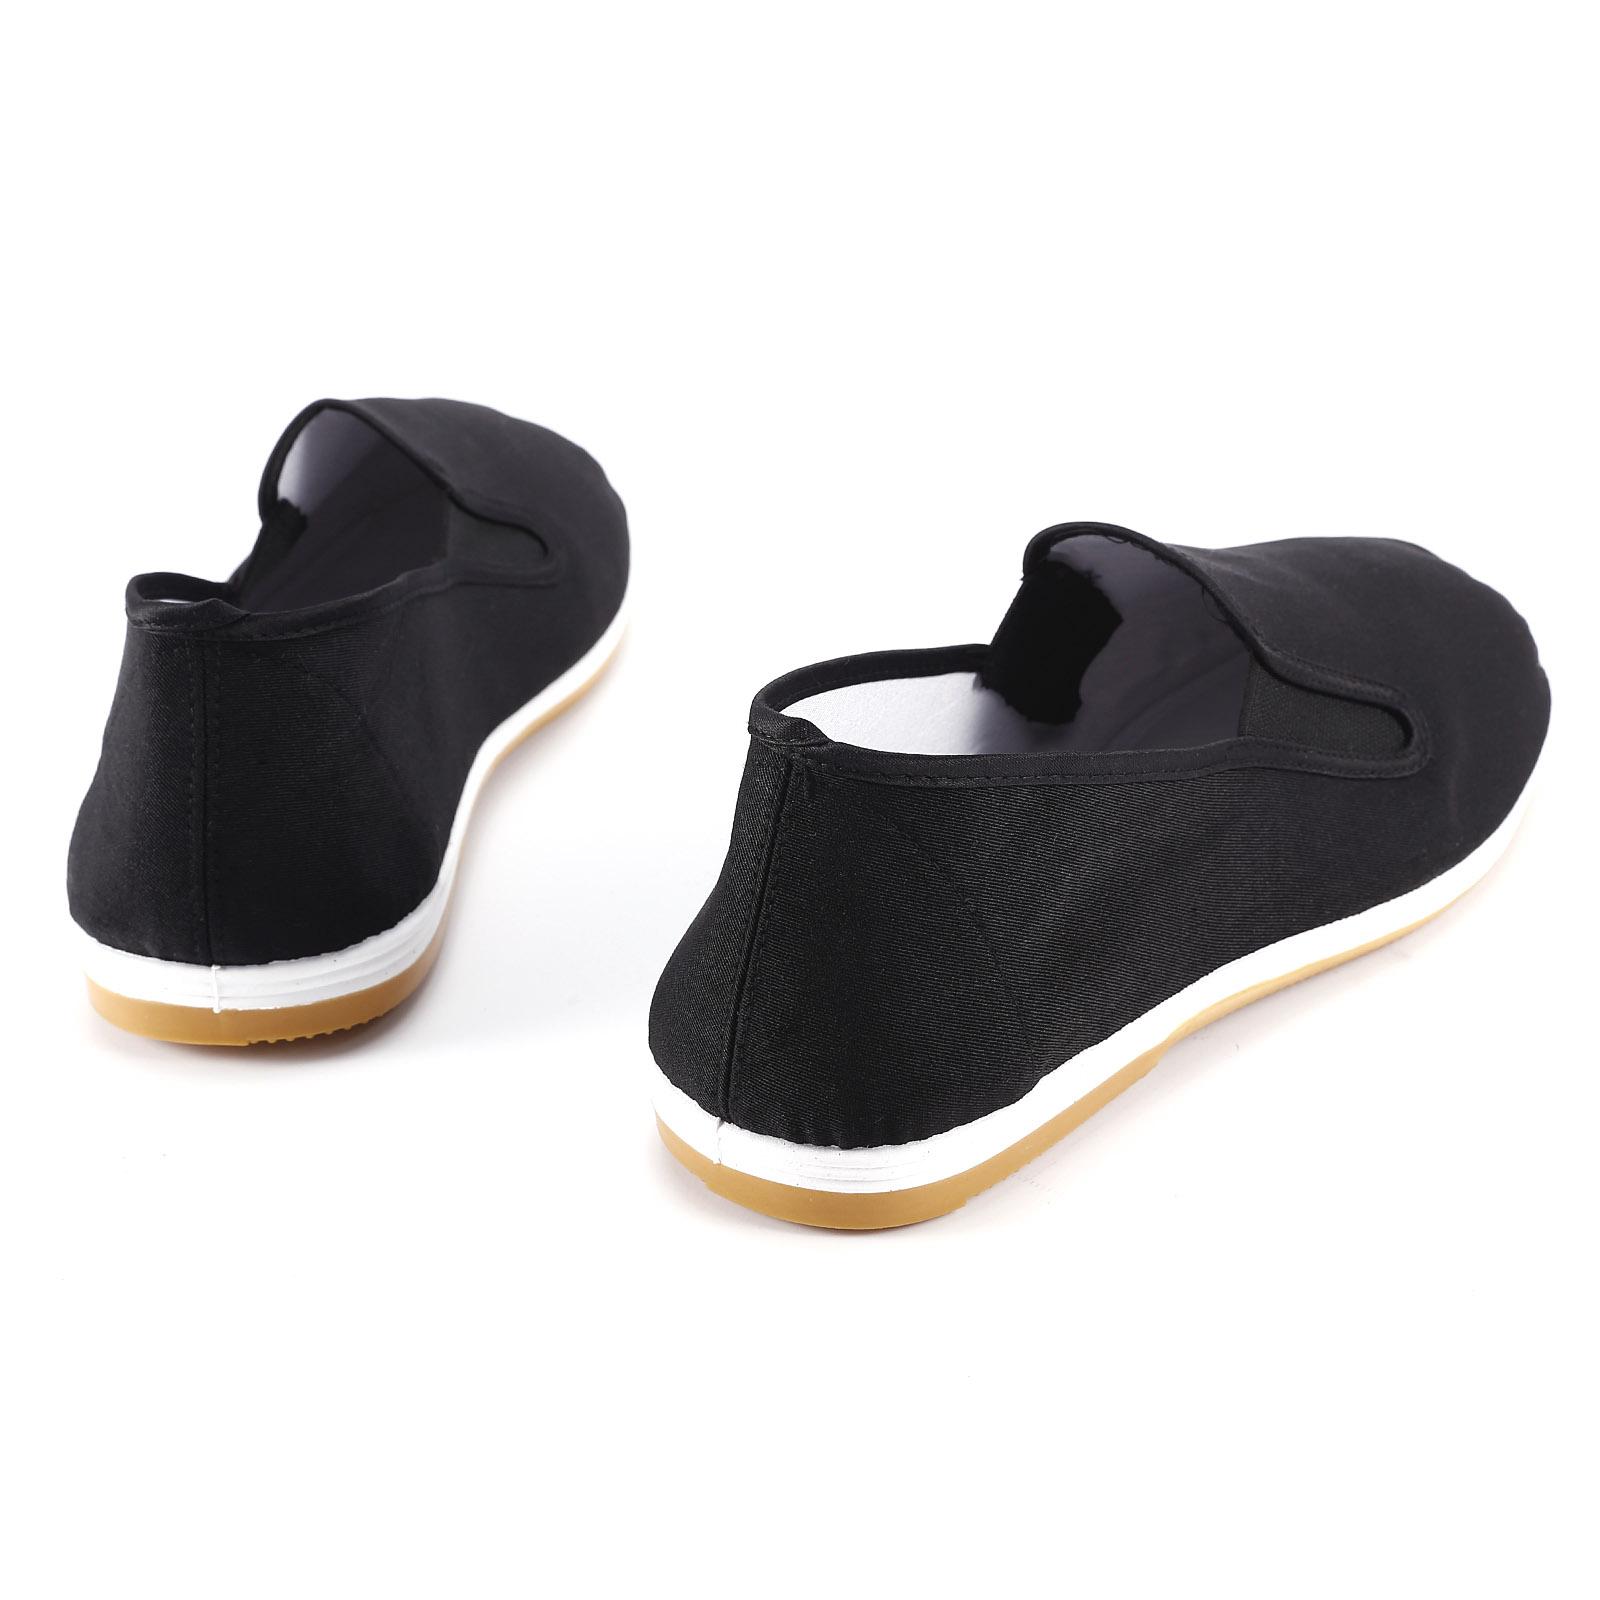 Wushu Shoes Uk